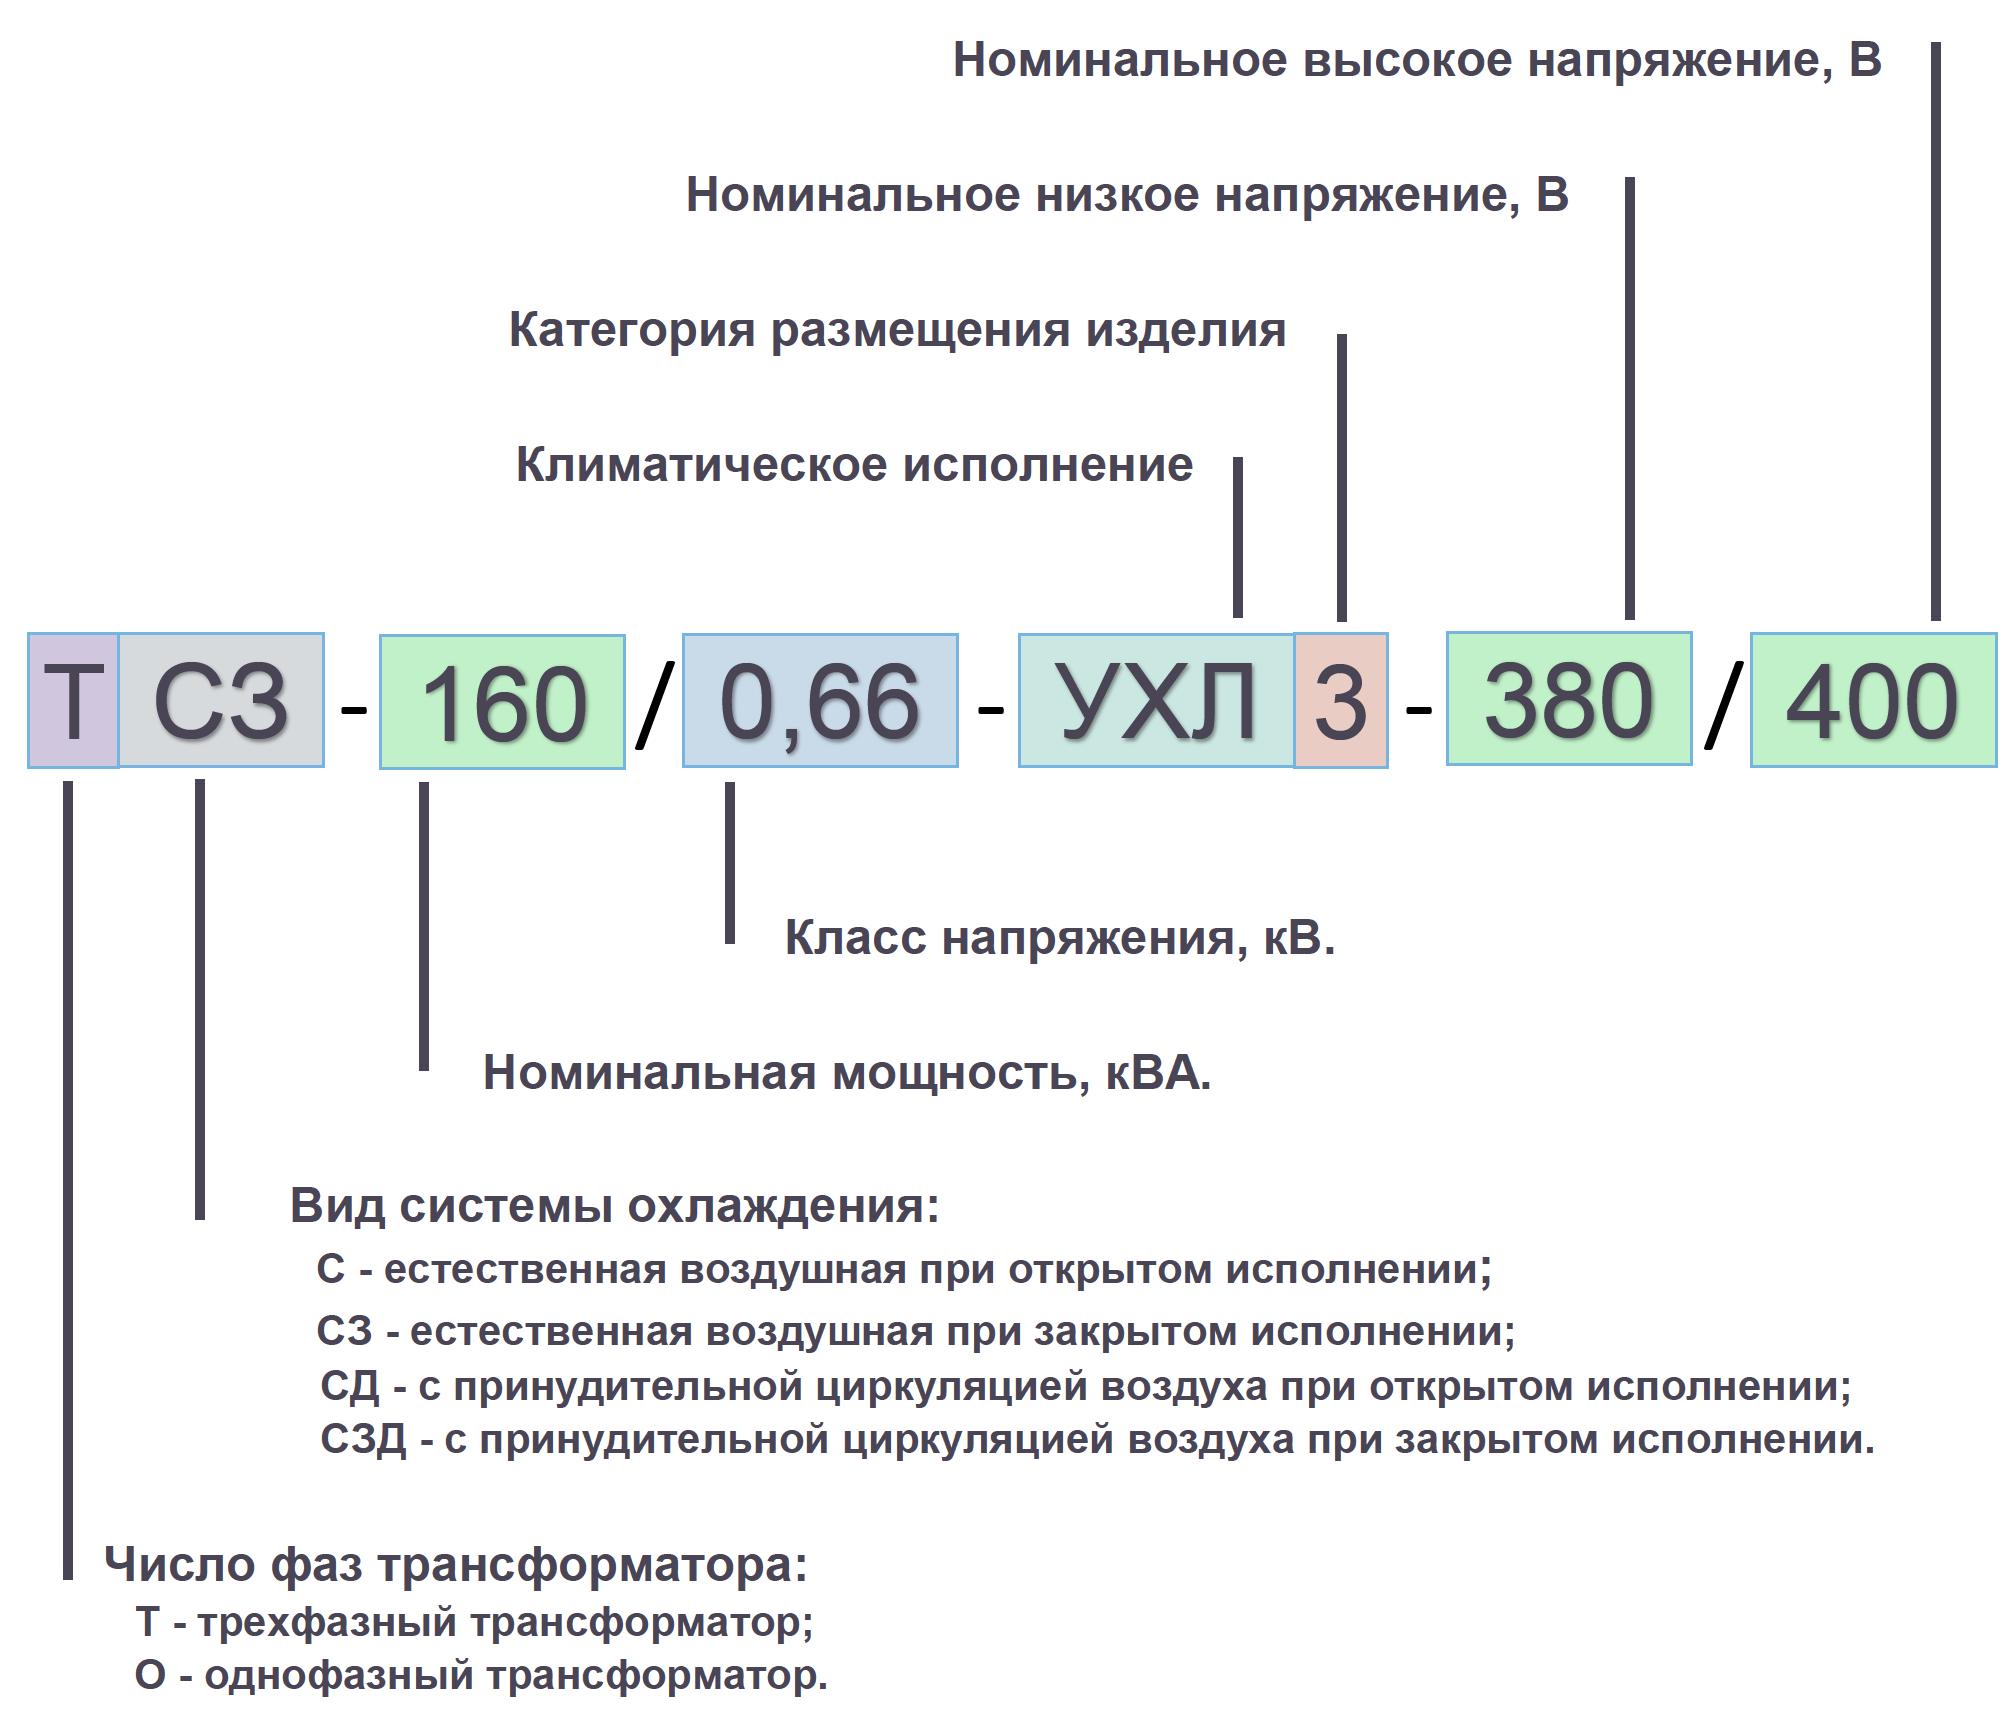 160. ТСЗ 160_0,66 условные обозначения